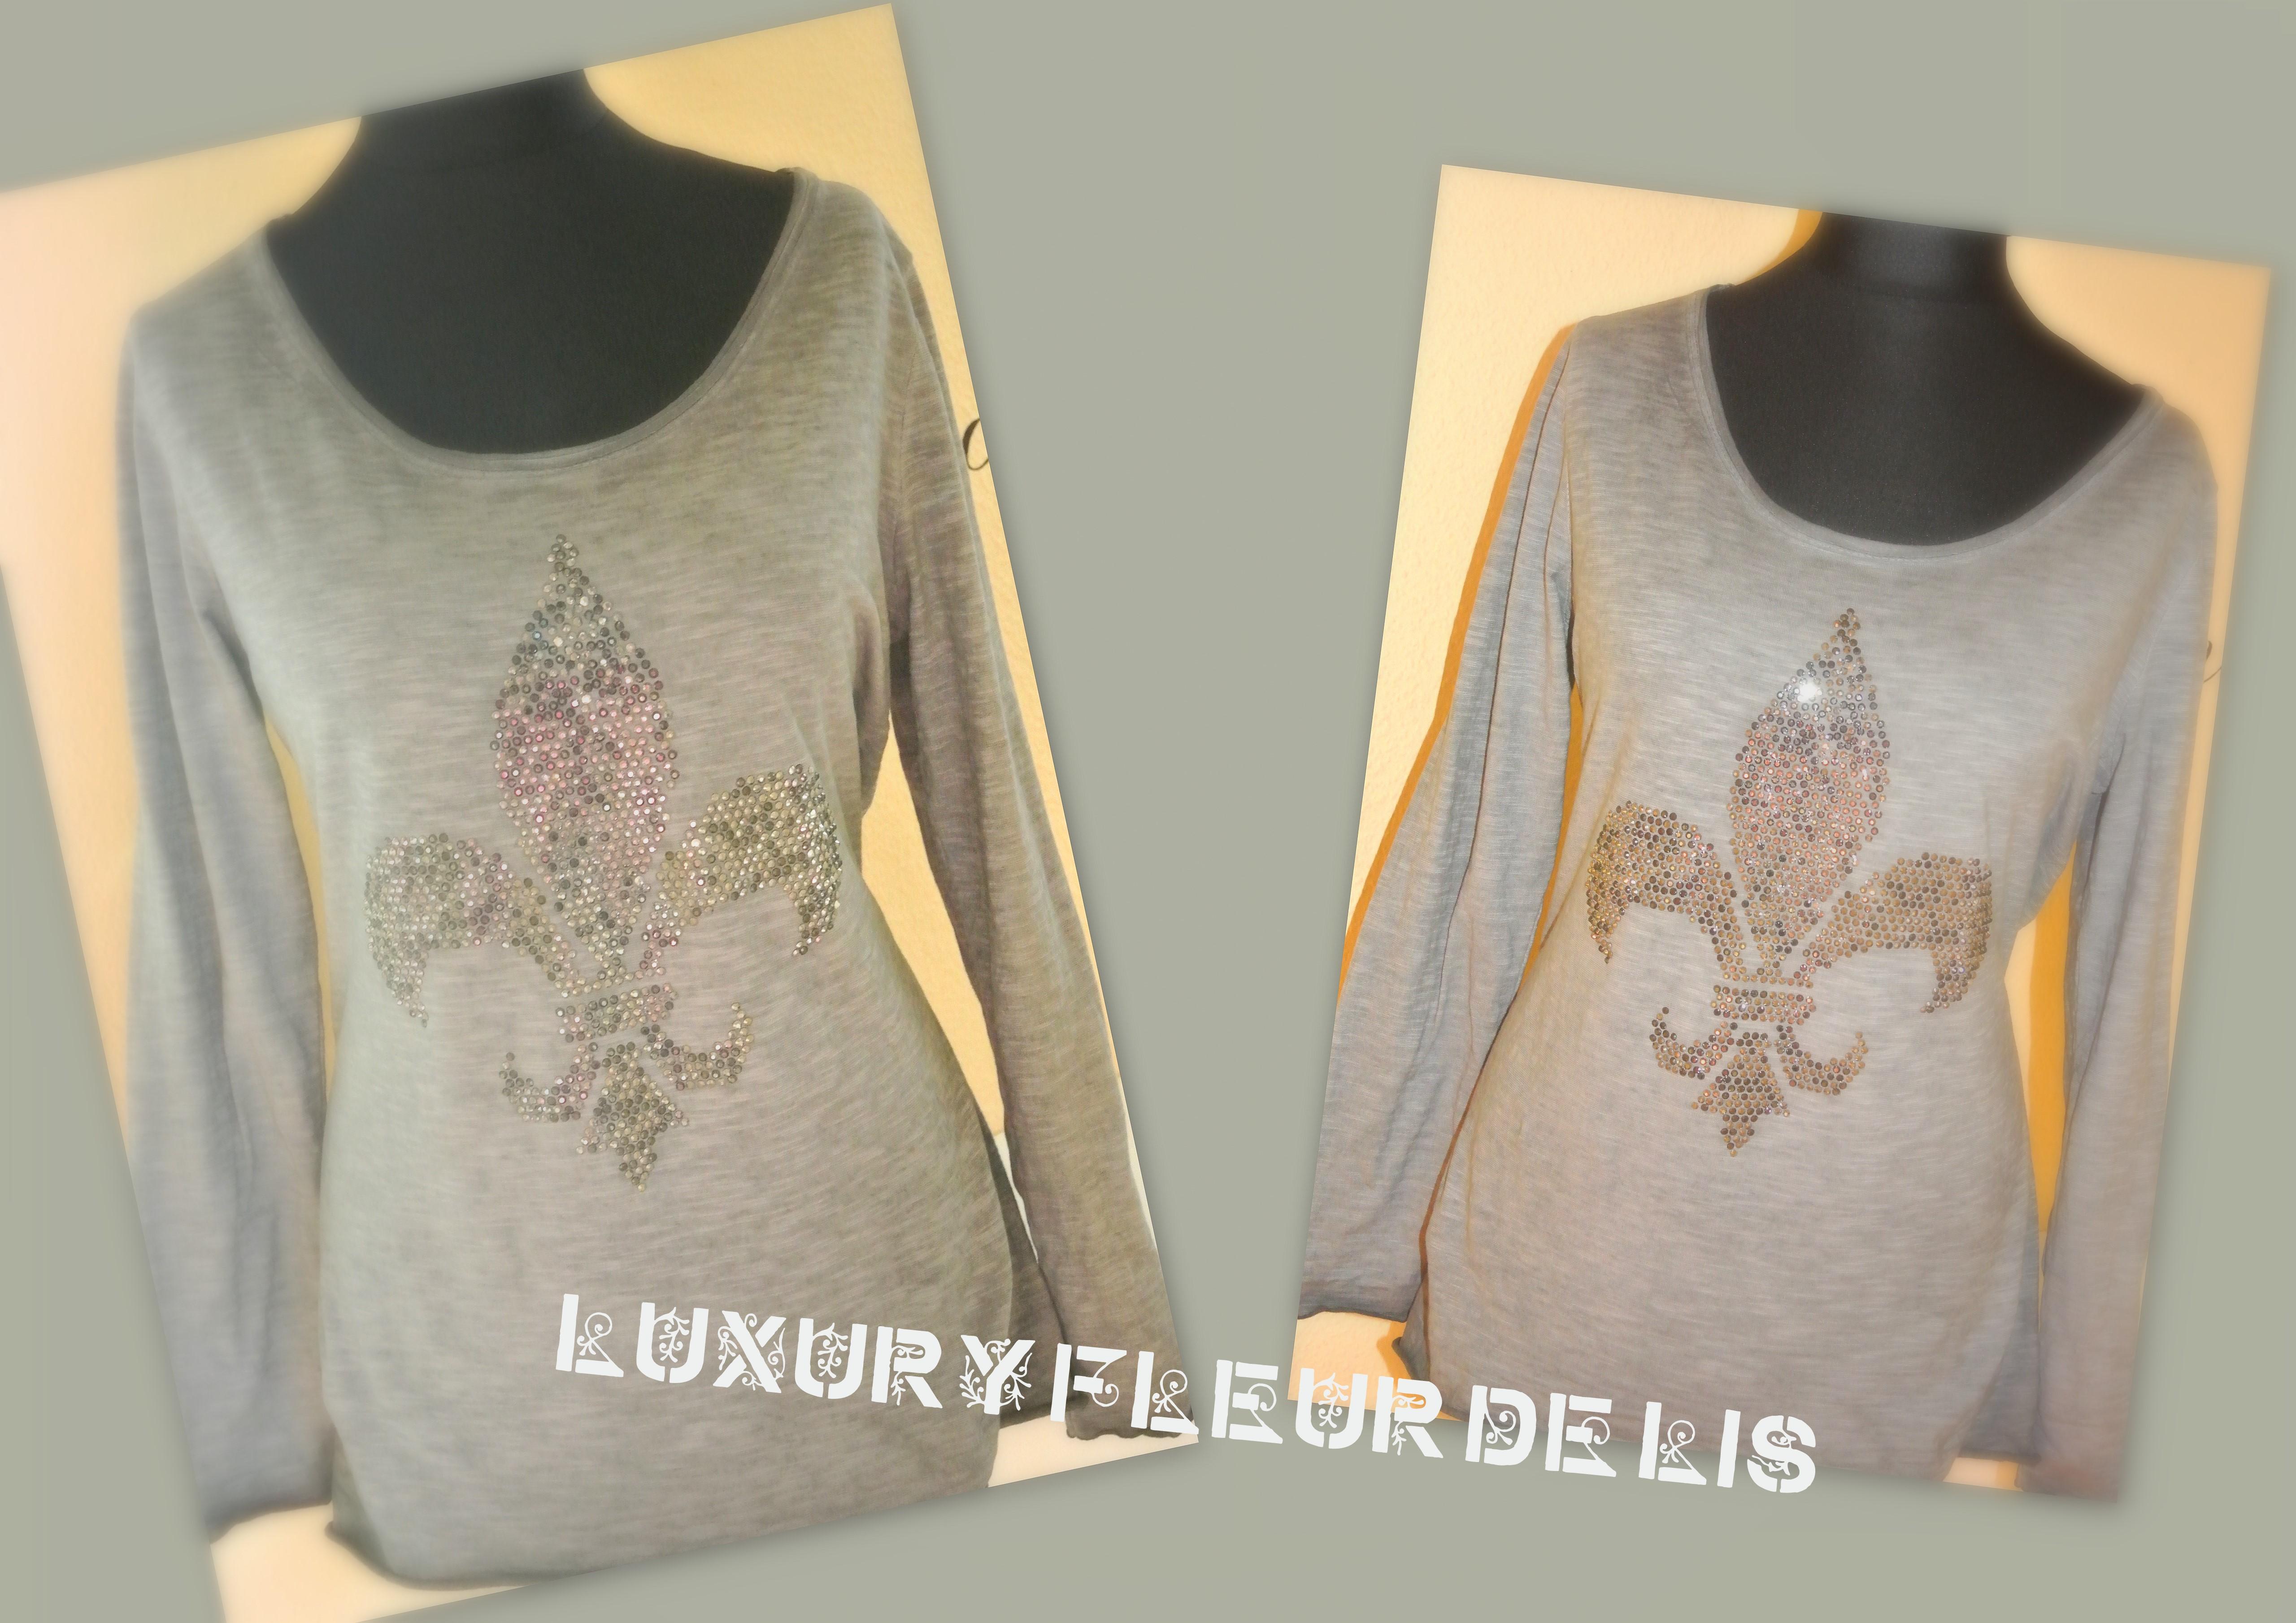 LUXURY FLEUR DE LIS